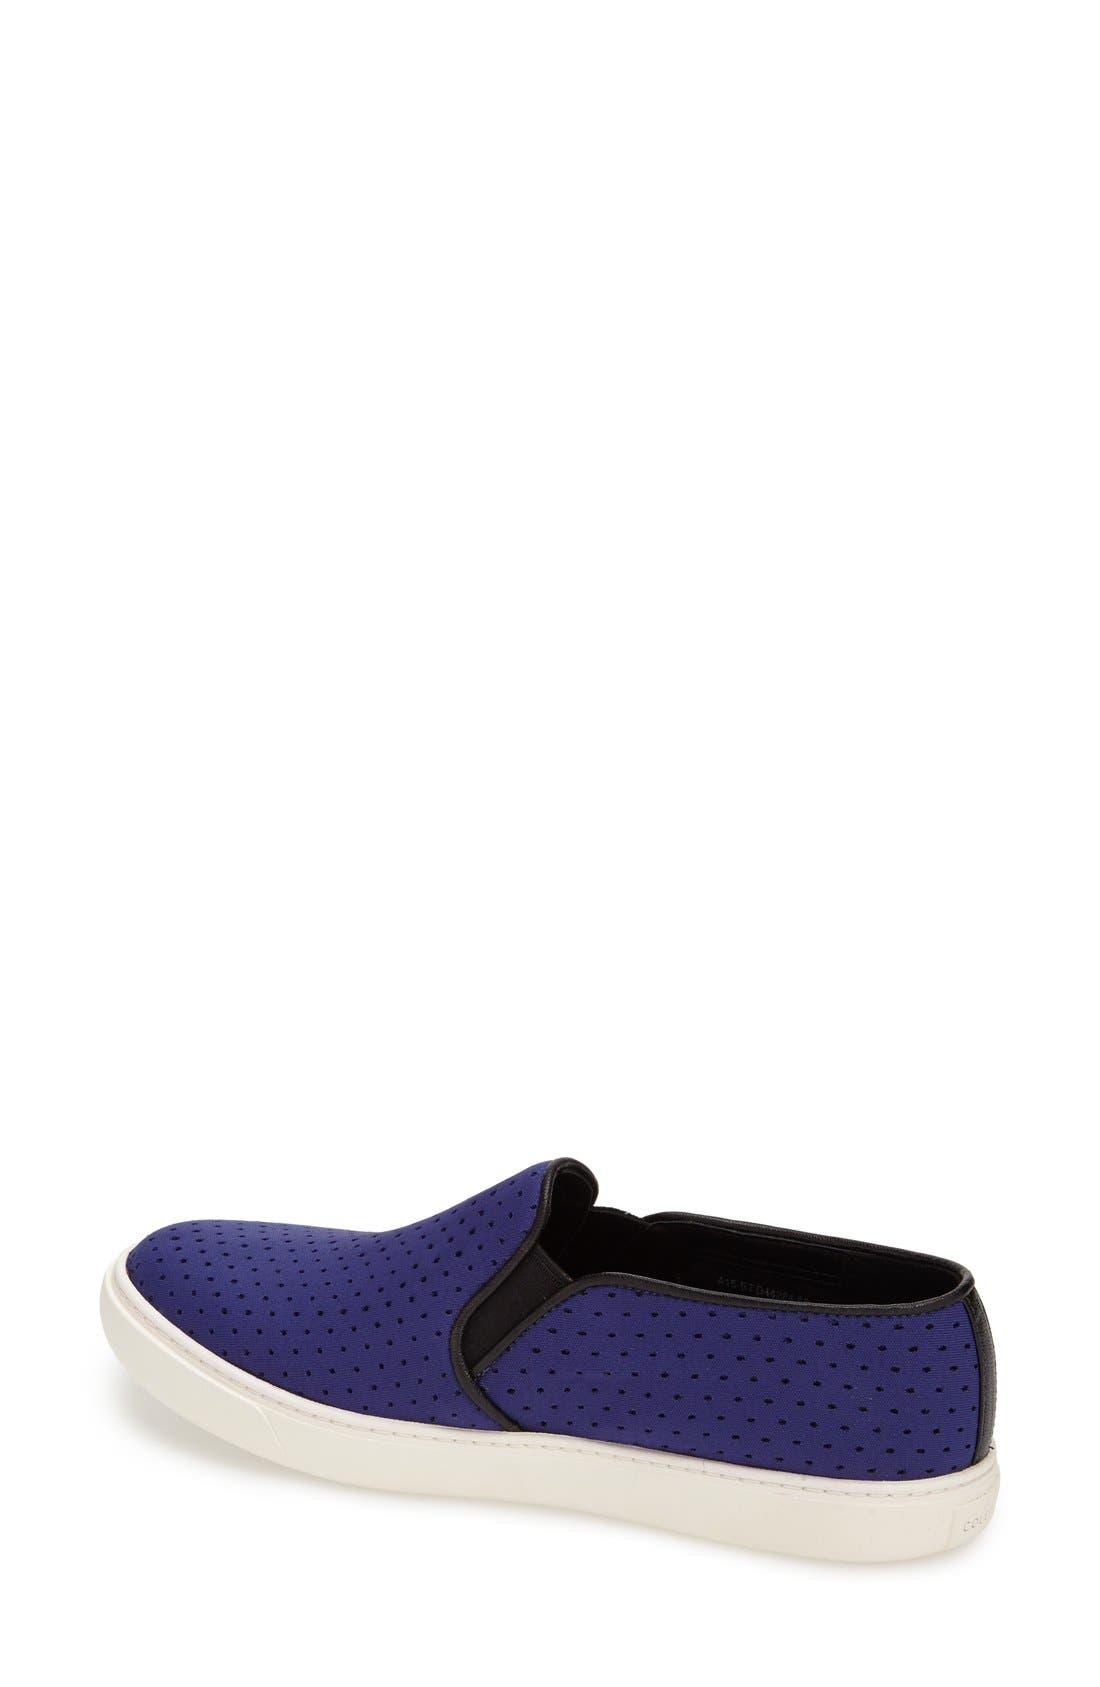 Alternate Image 2  - Cole Haan 'Bowie' Slip-On Sneaker (Women)